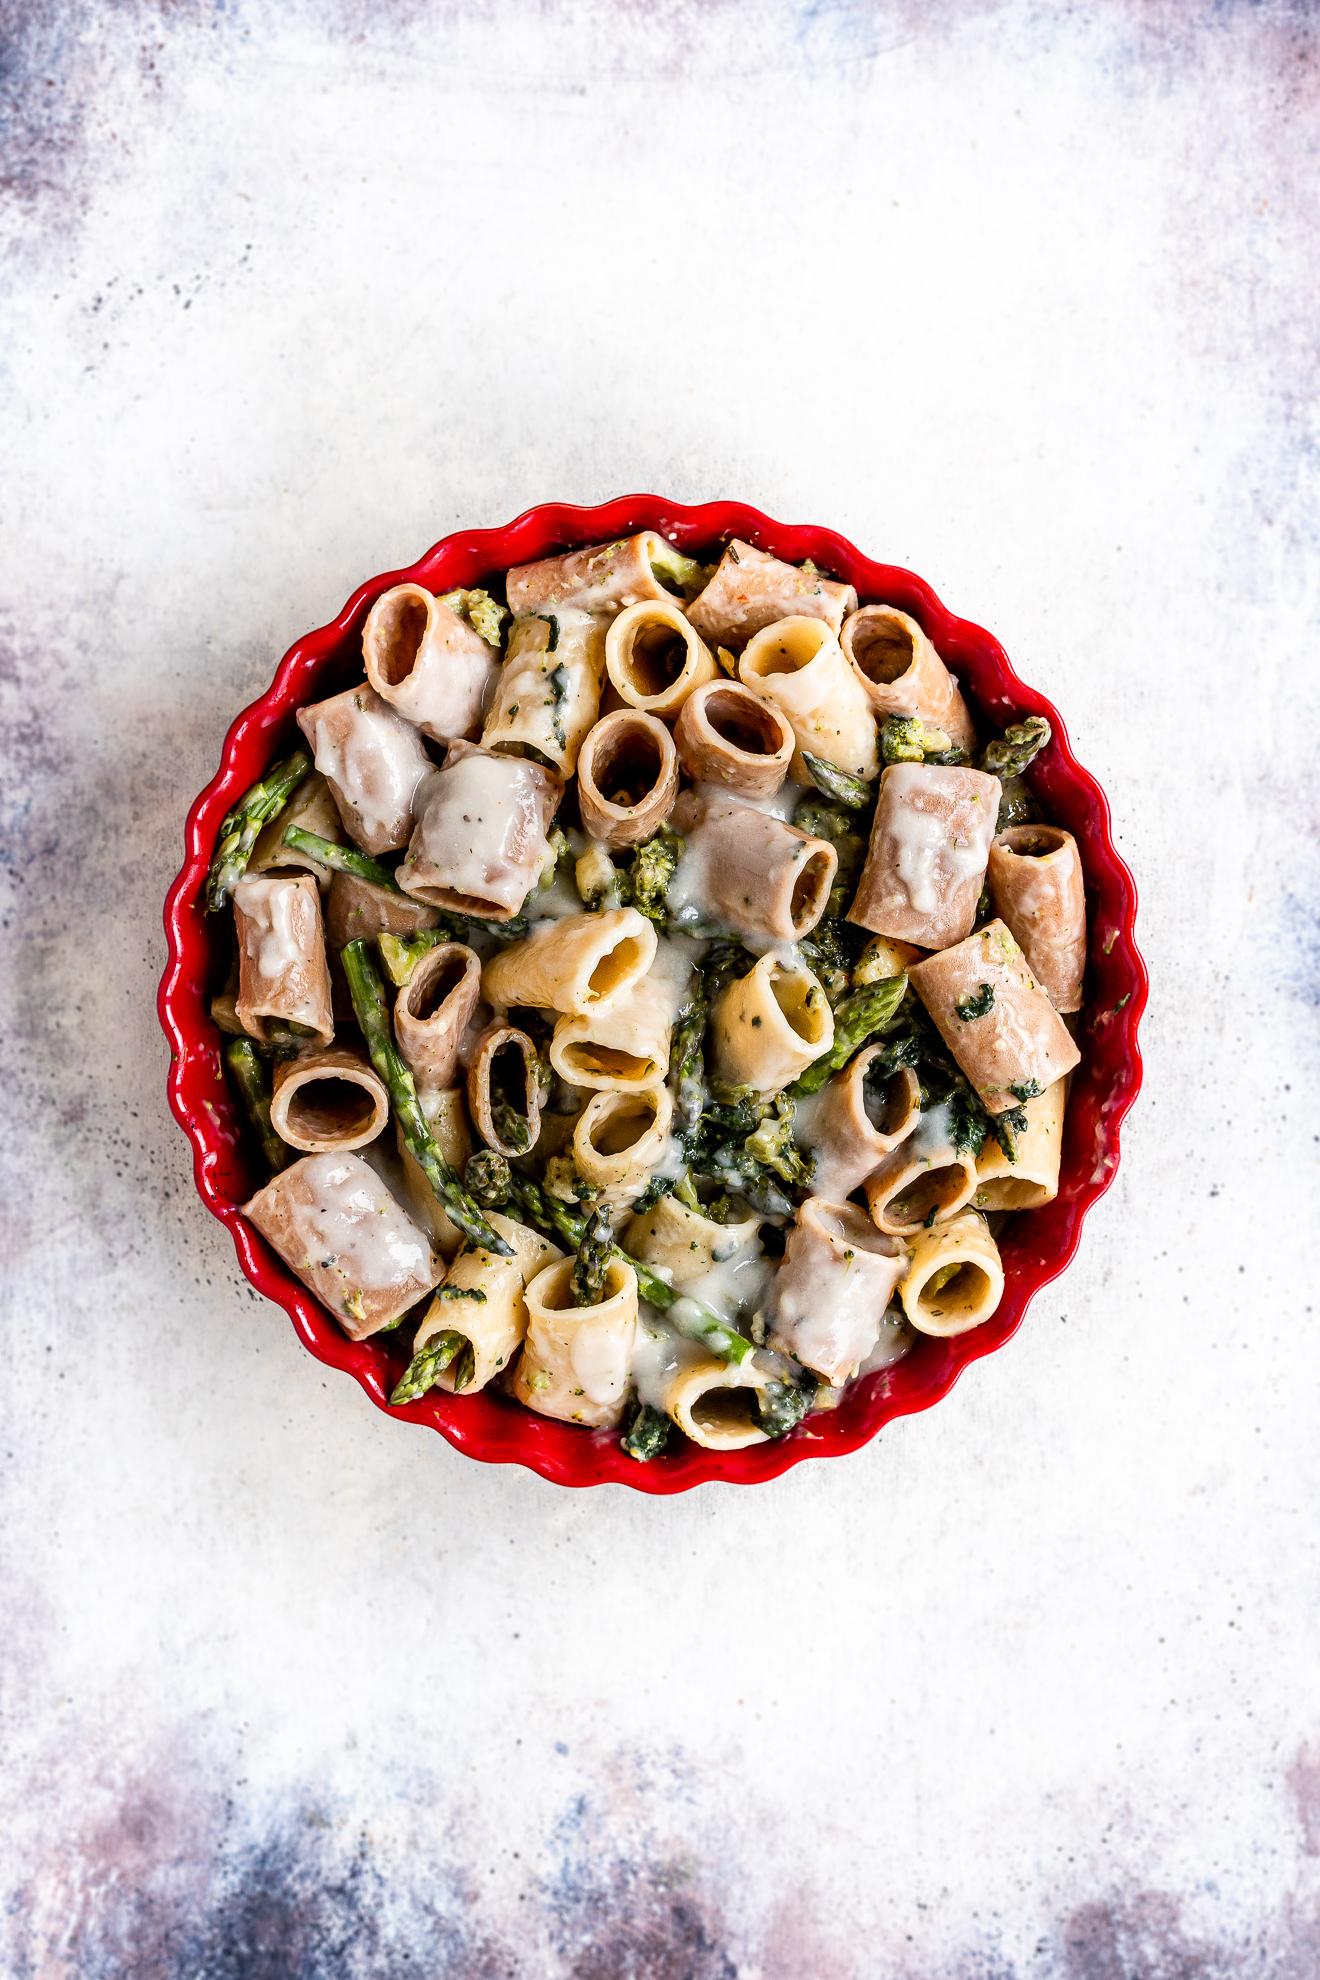 Ricetta di pasta al forno bianca asparagi e broccoli